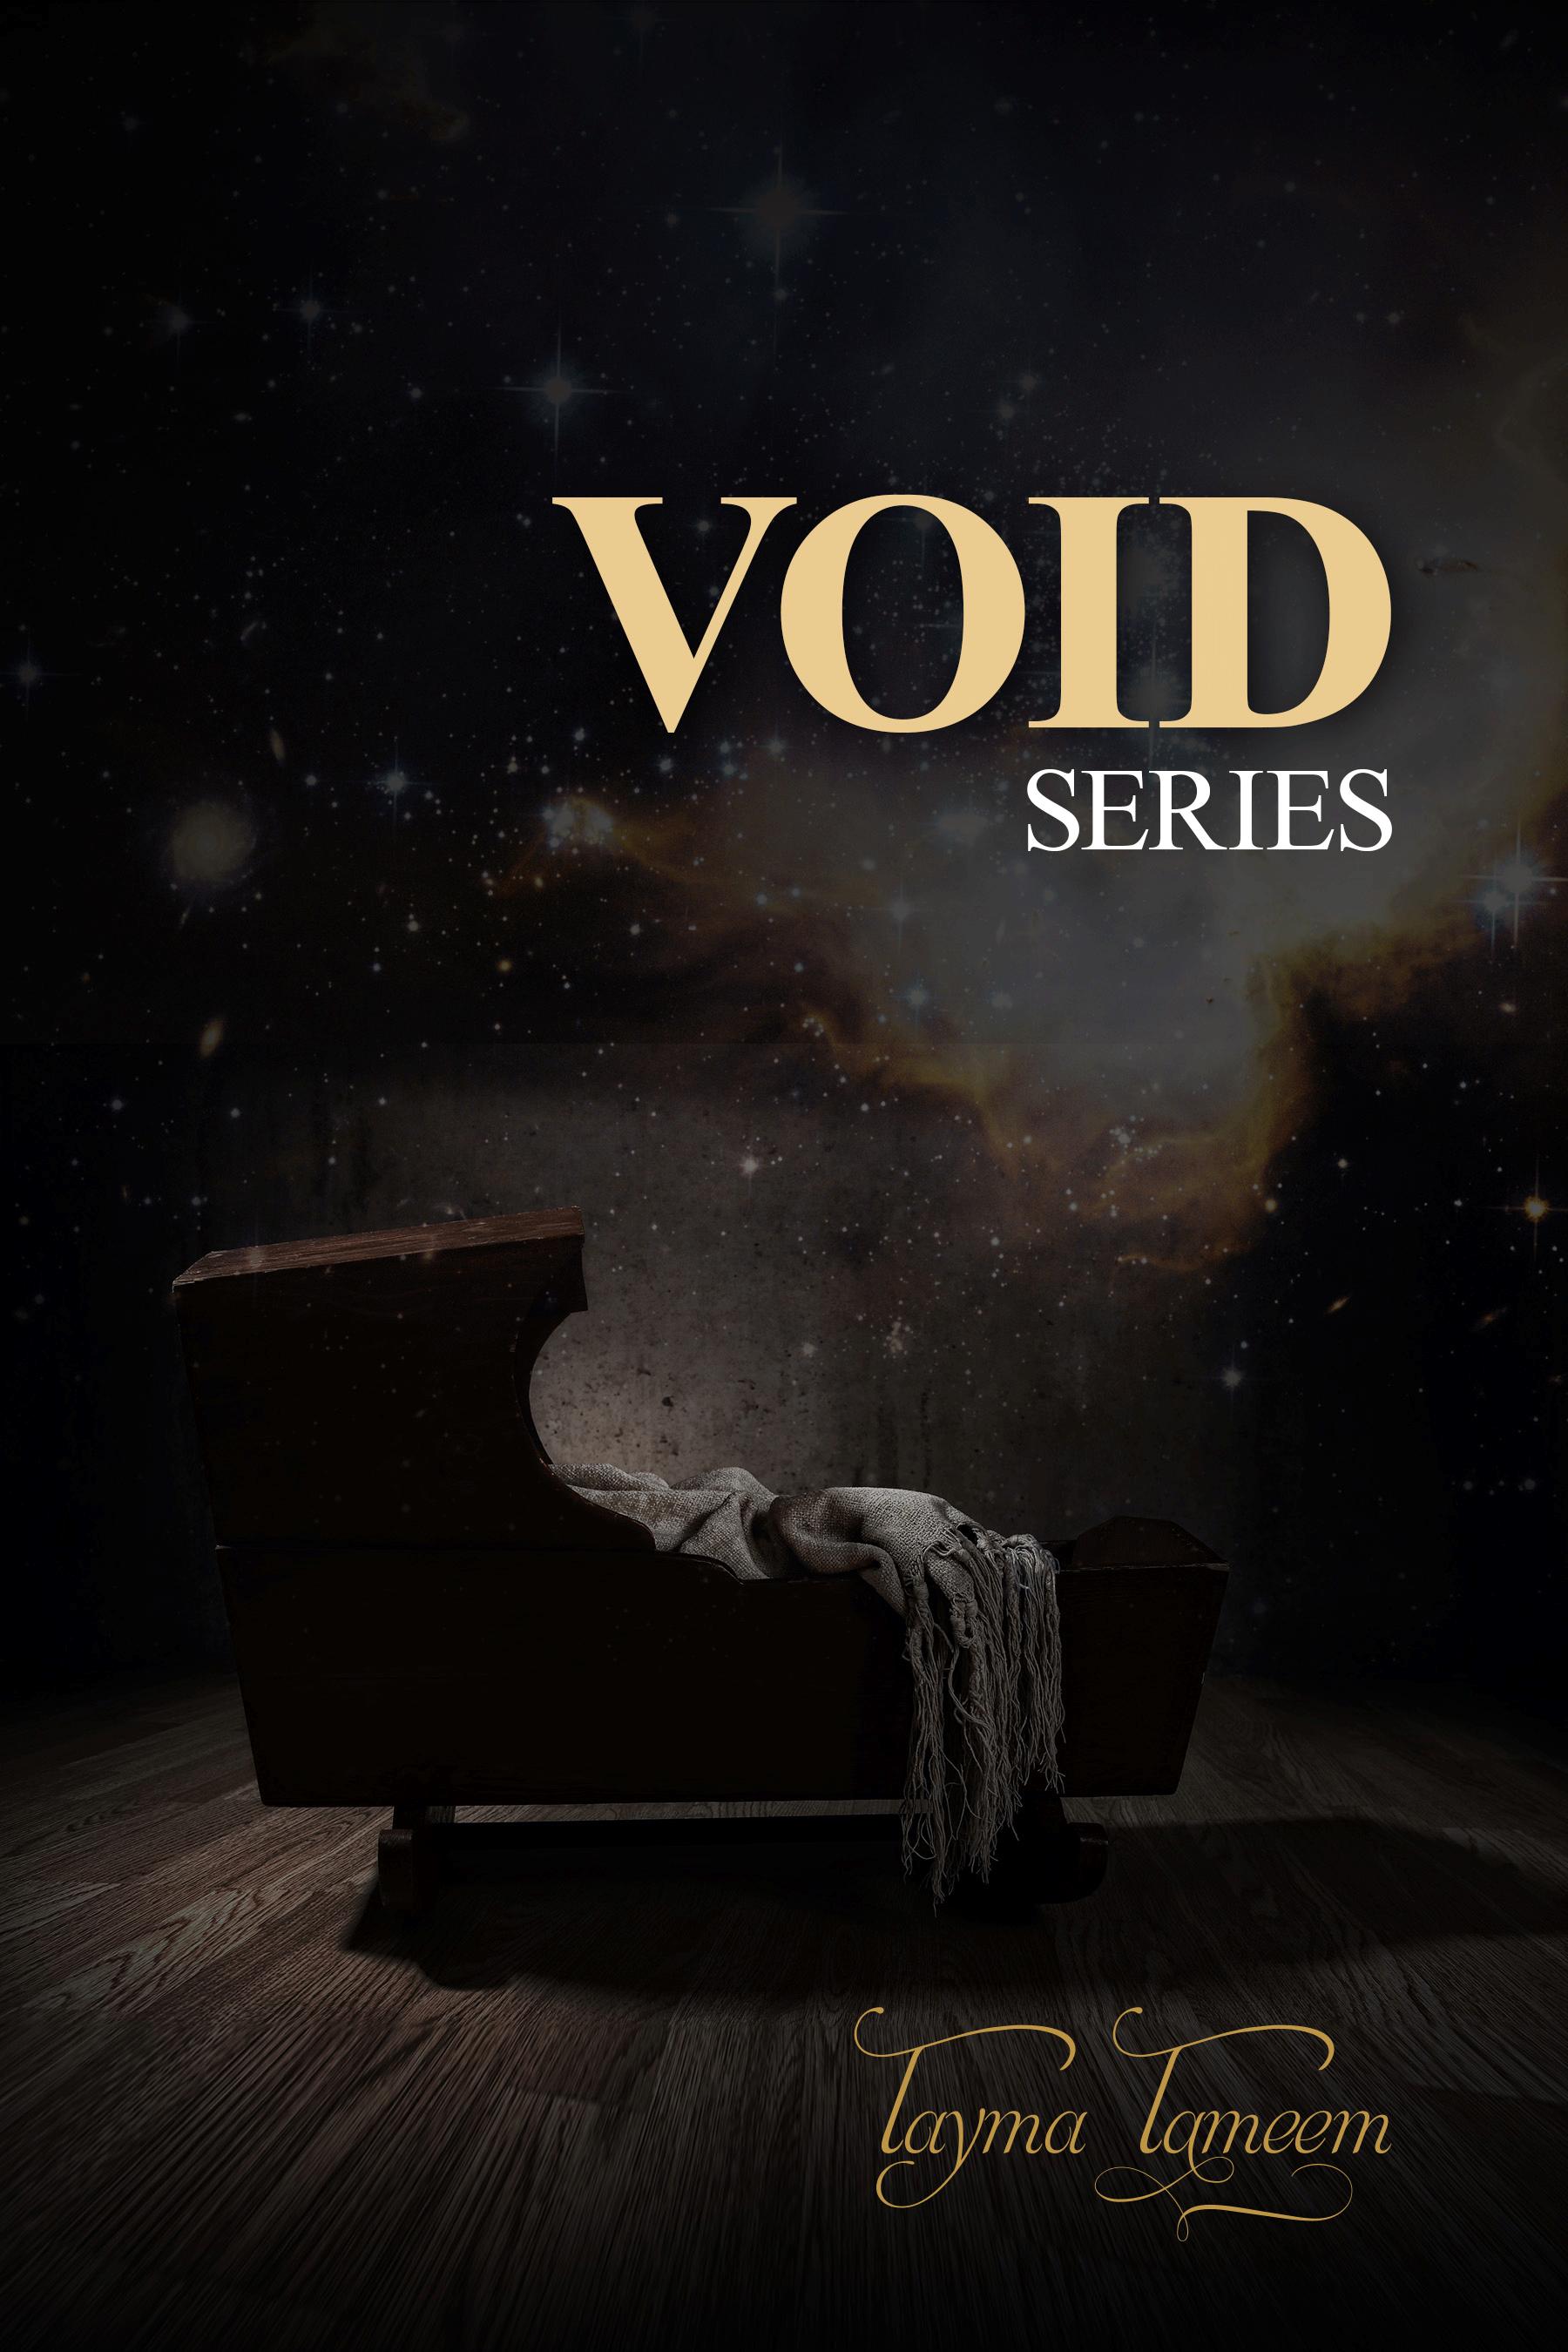 Voild Series